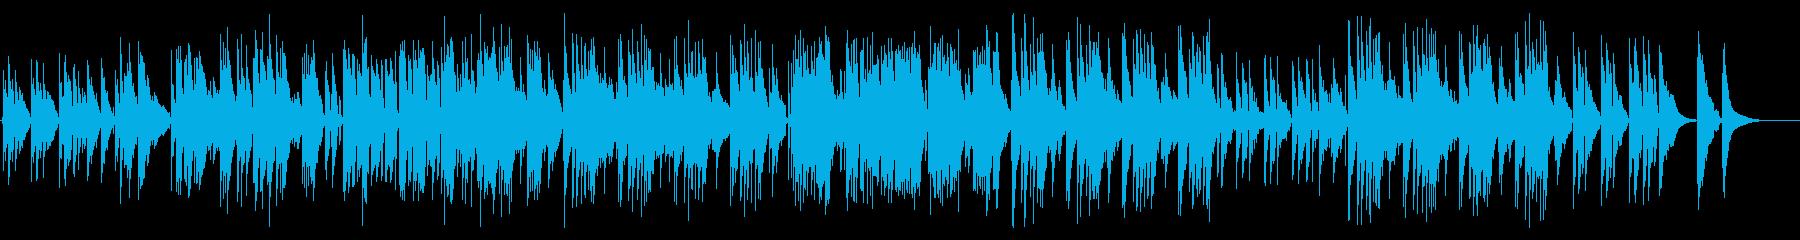 ポップなリラックスナイロンギターデュオの再生済みの波形